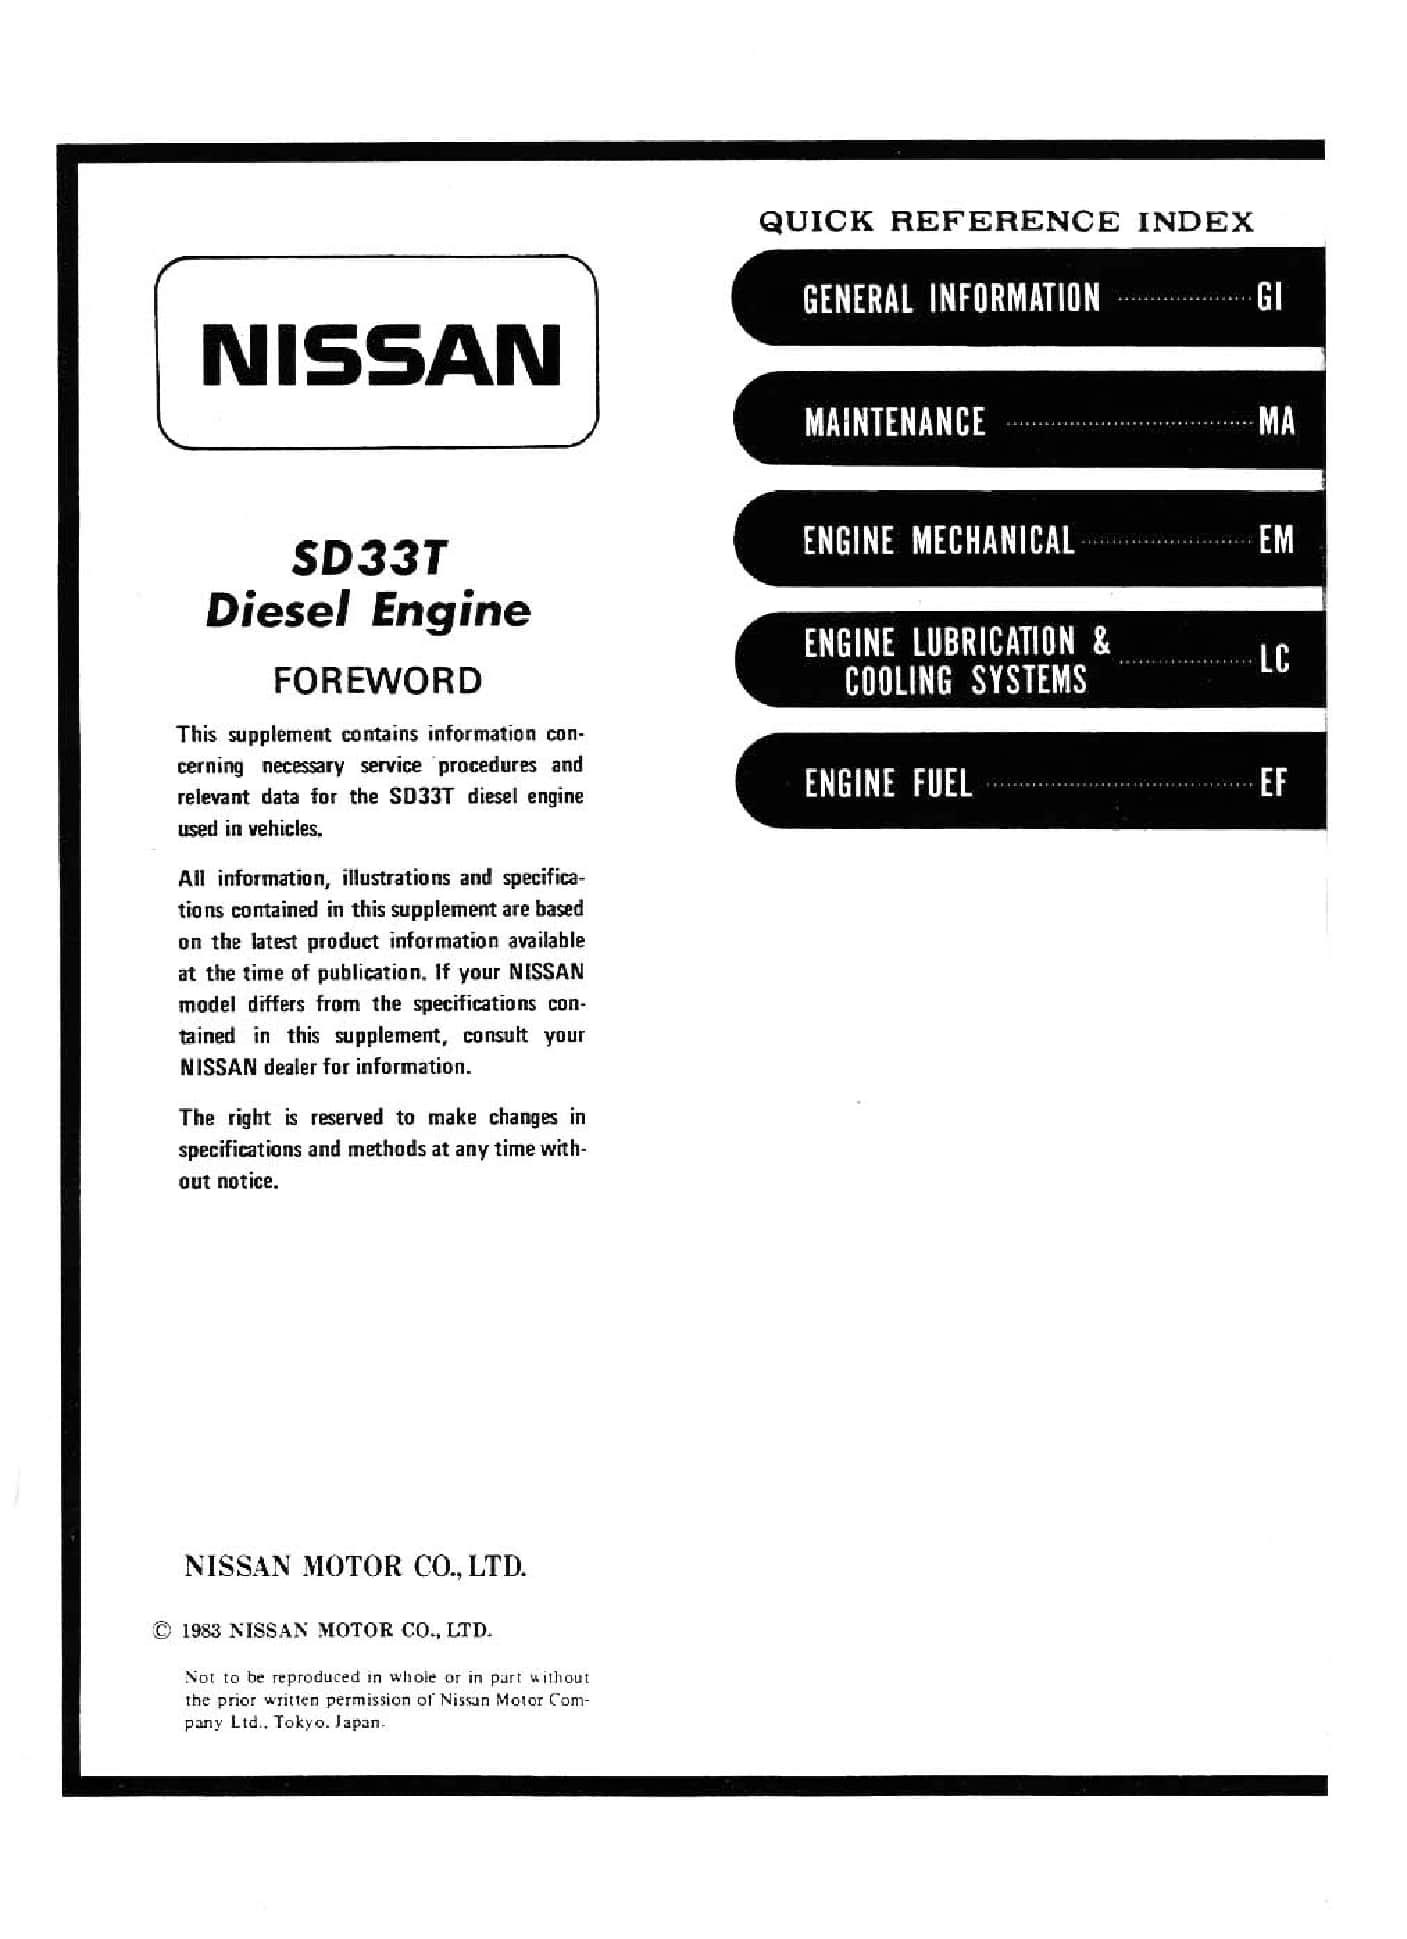 Nissan Motor Sd33T Workshop Repair Service Manual PDF